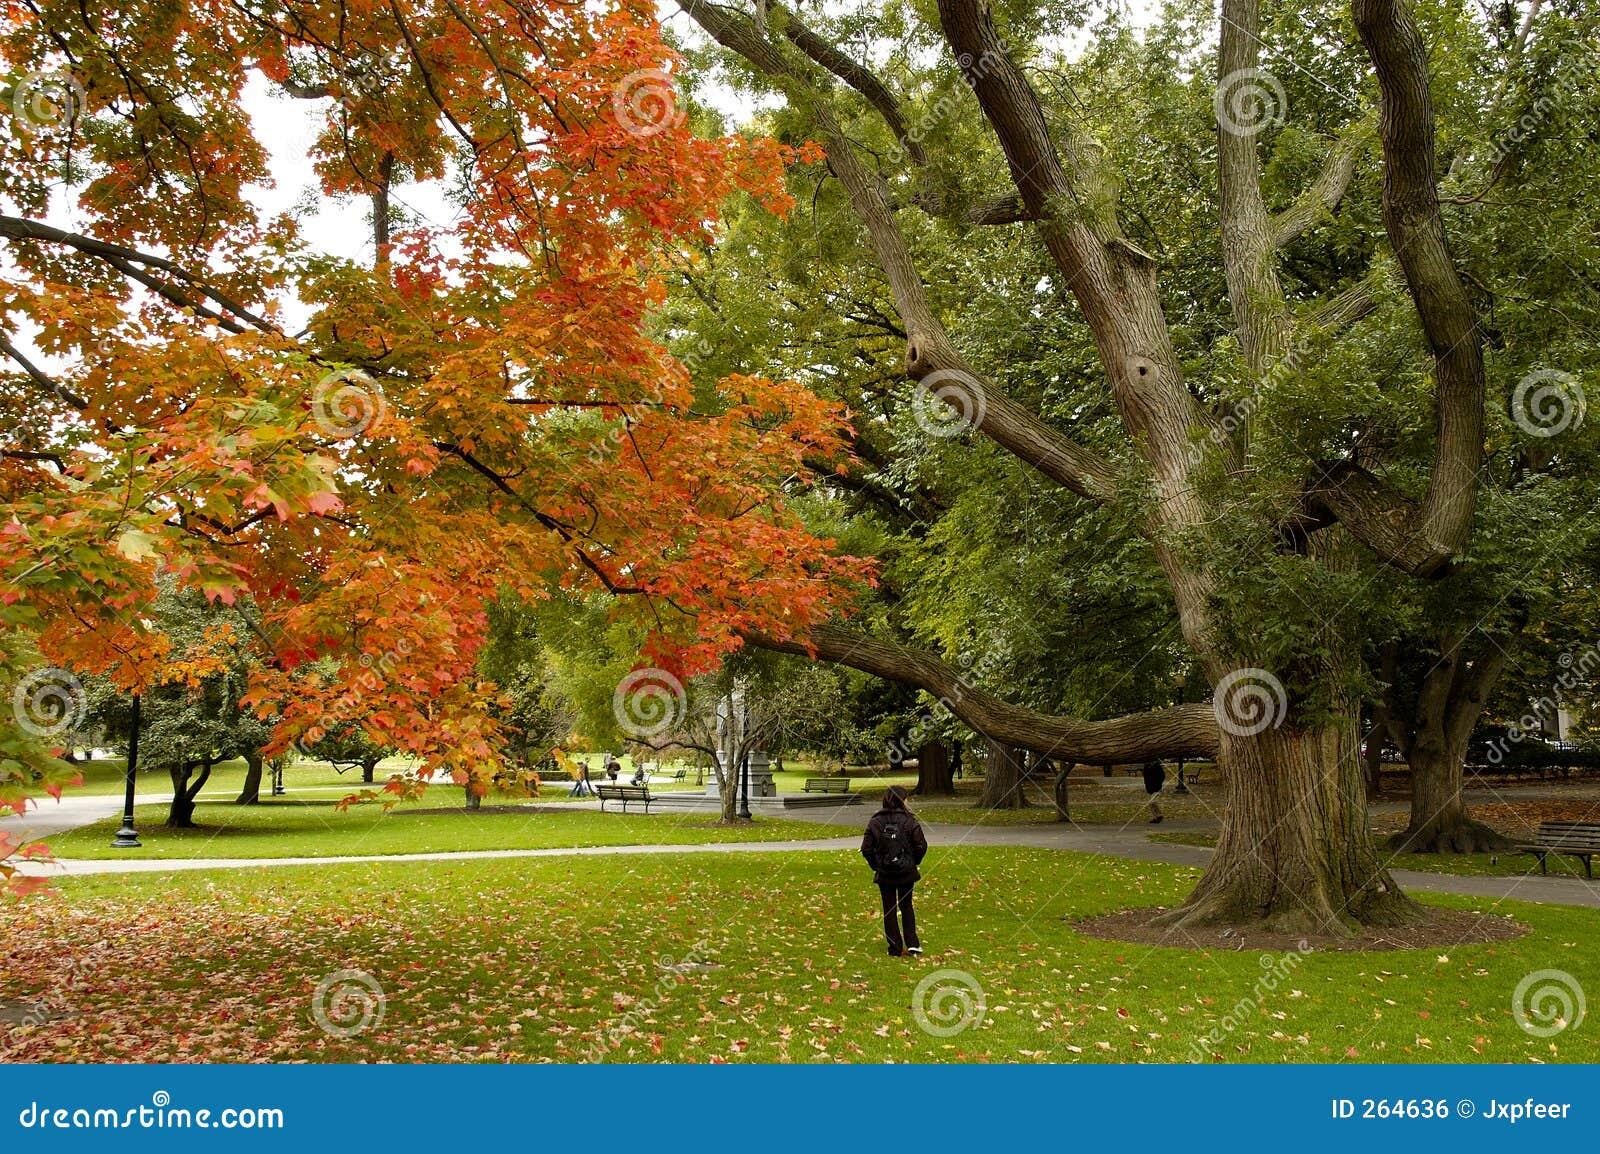 Autumn at Boston Common